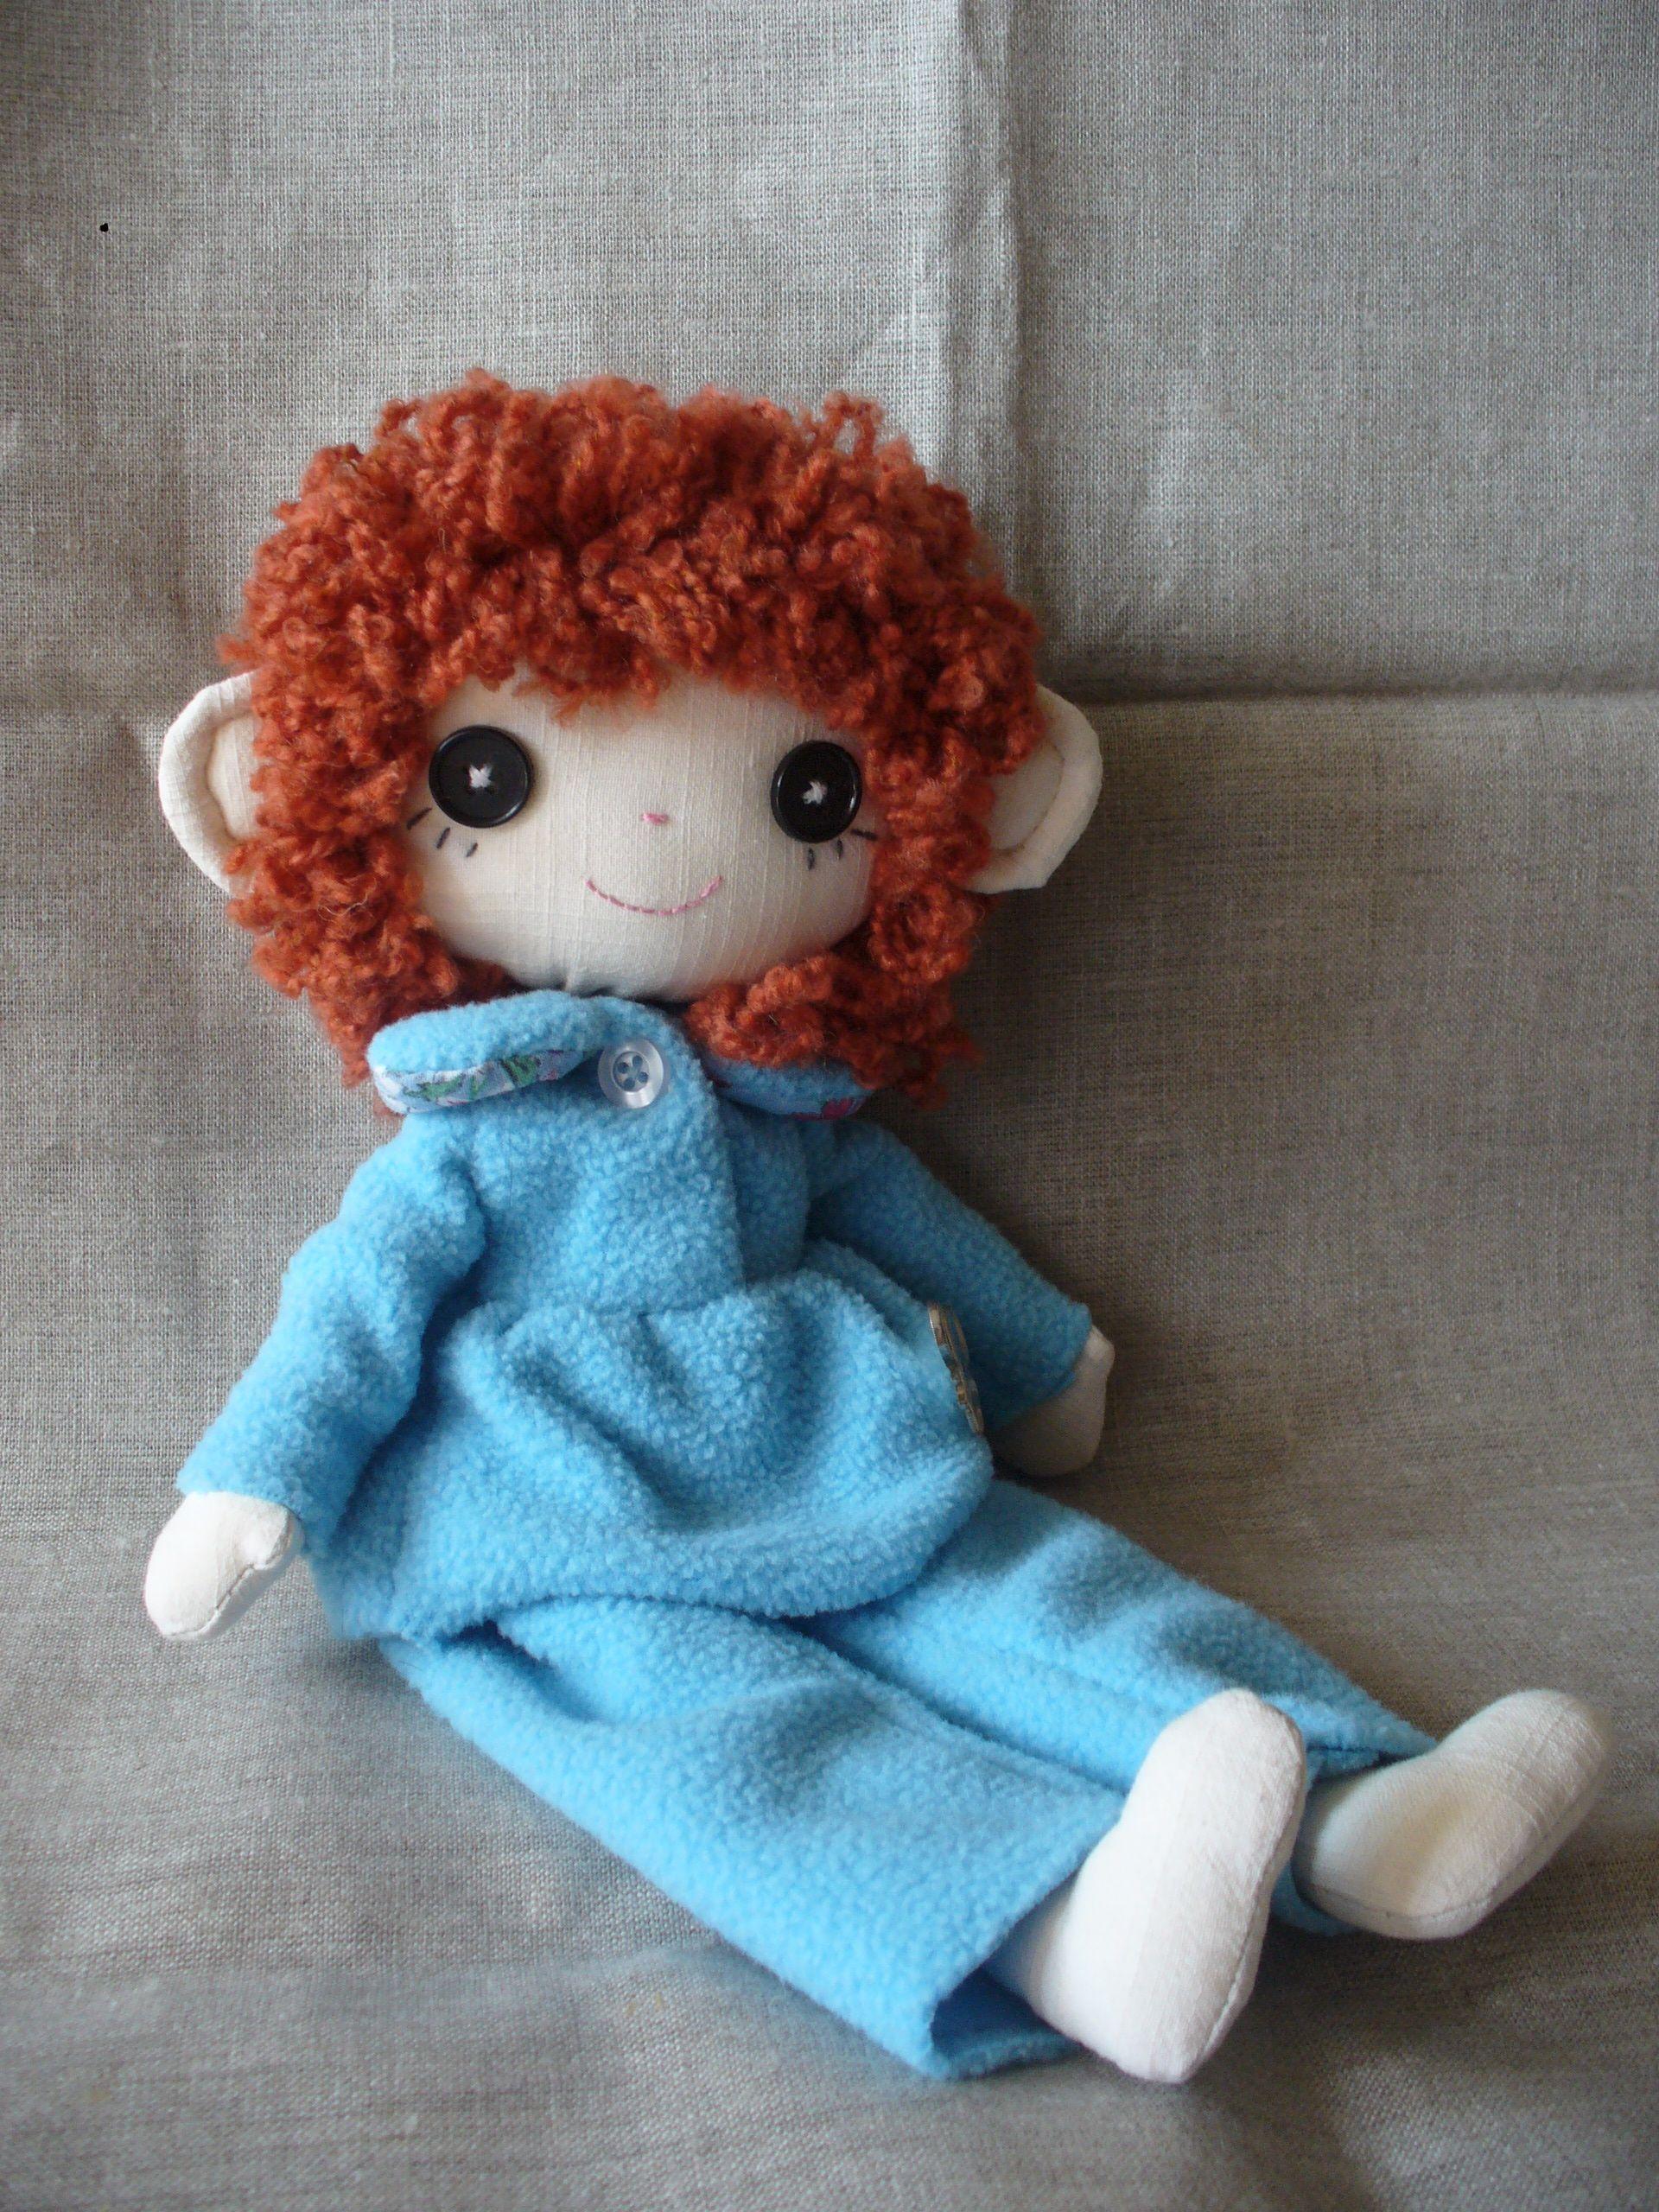 Кукла изготовлена из хлопка, набита синтепоном, пижама флисовая.